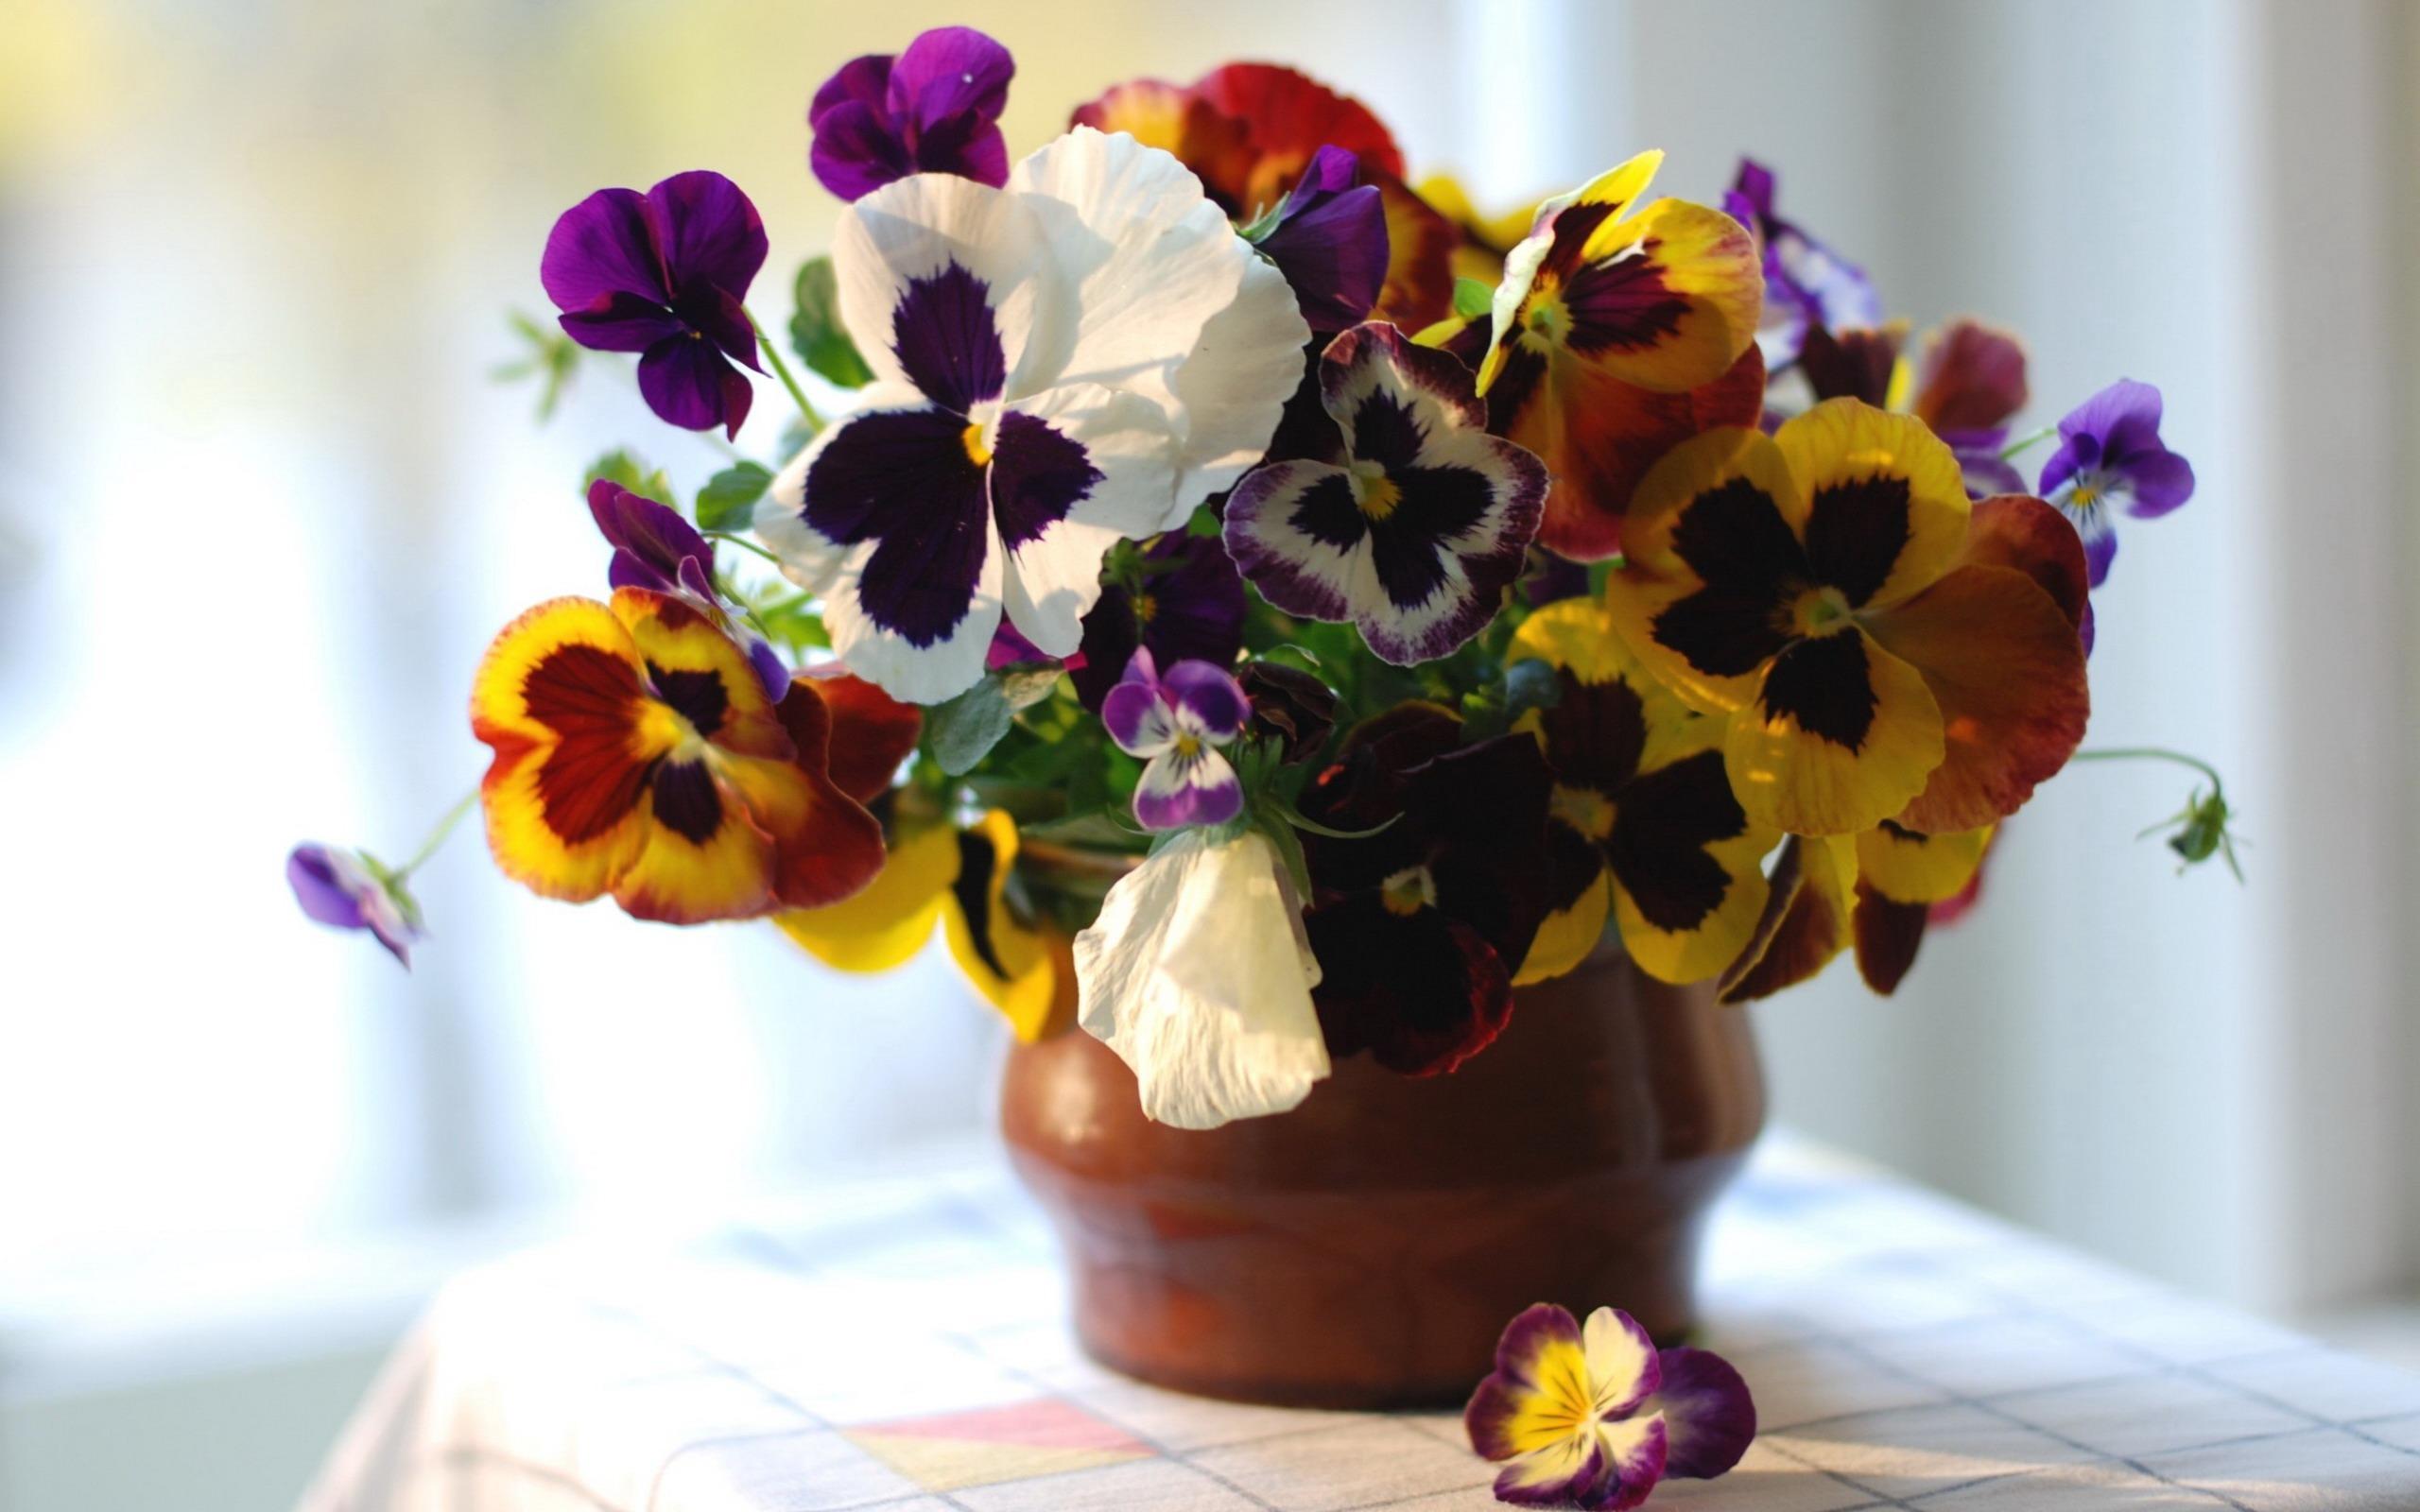 Картинки на рабочий стол цветы 1920 1080